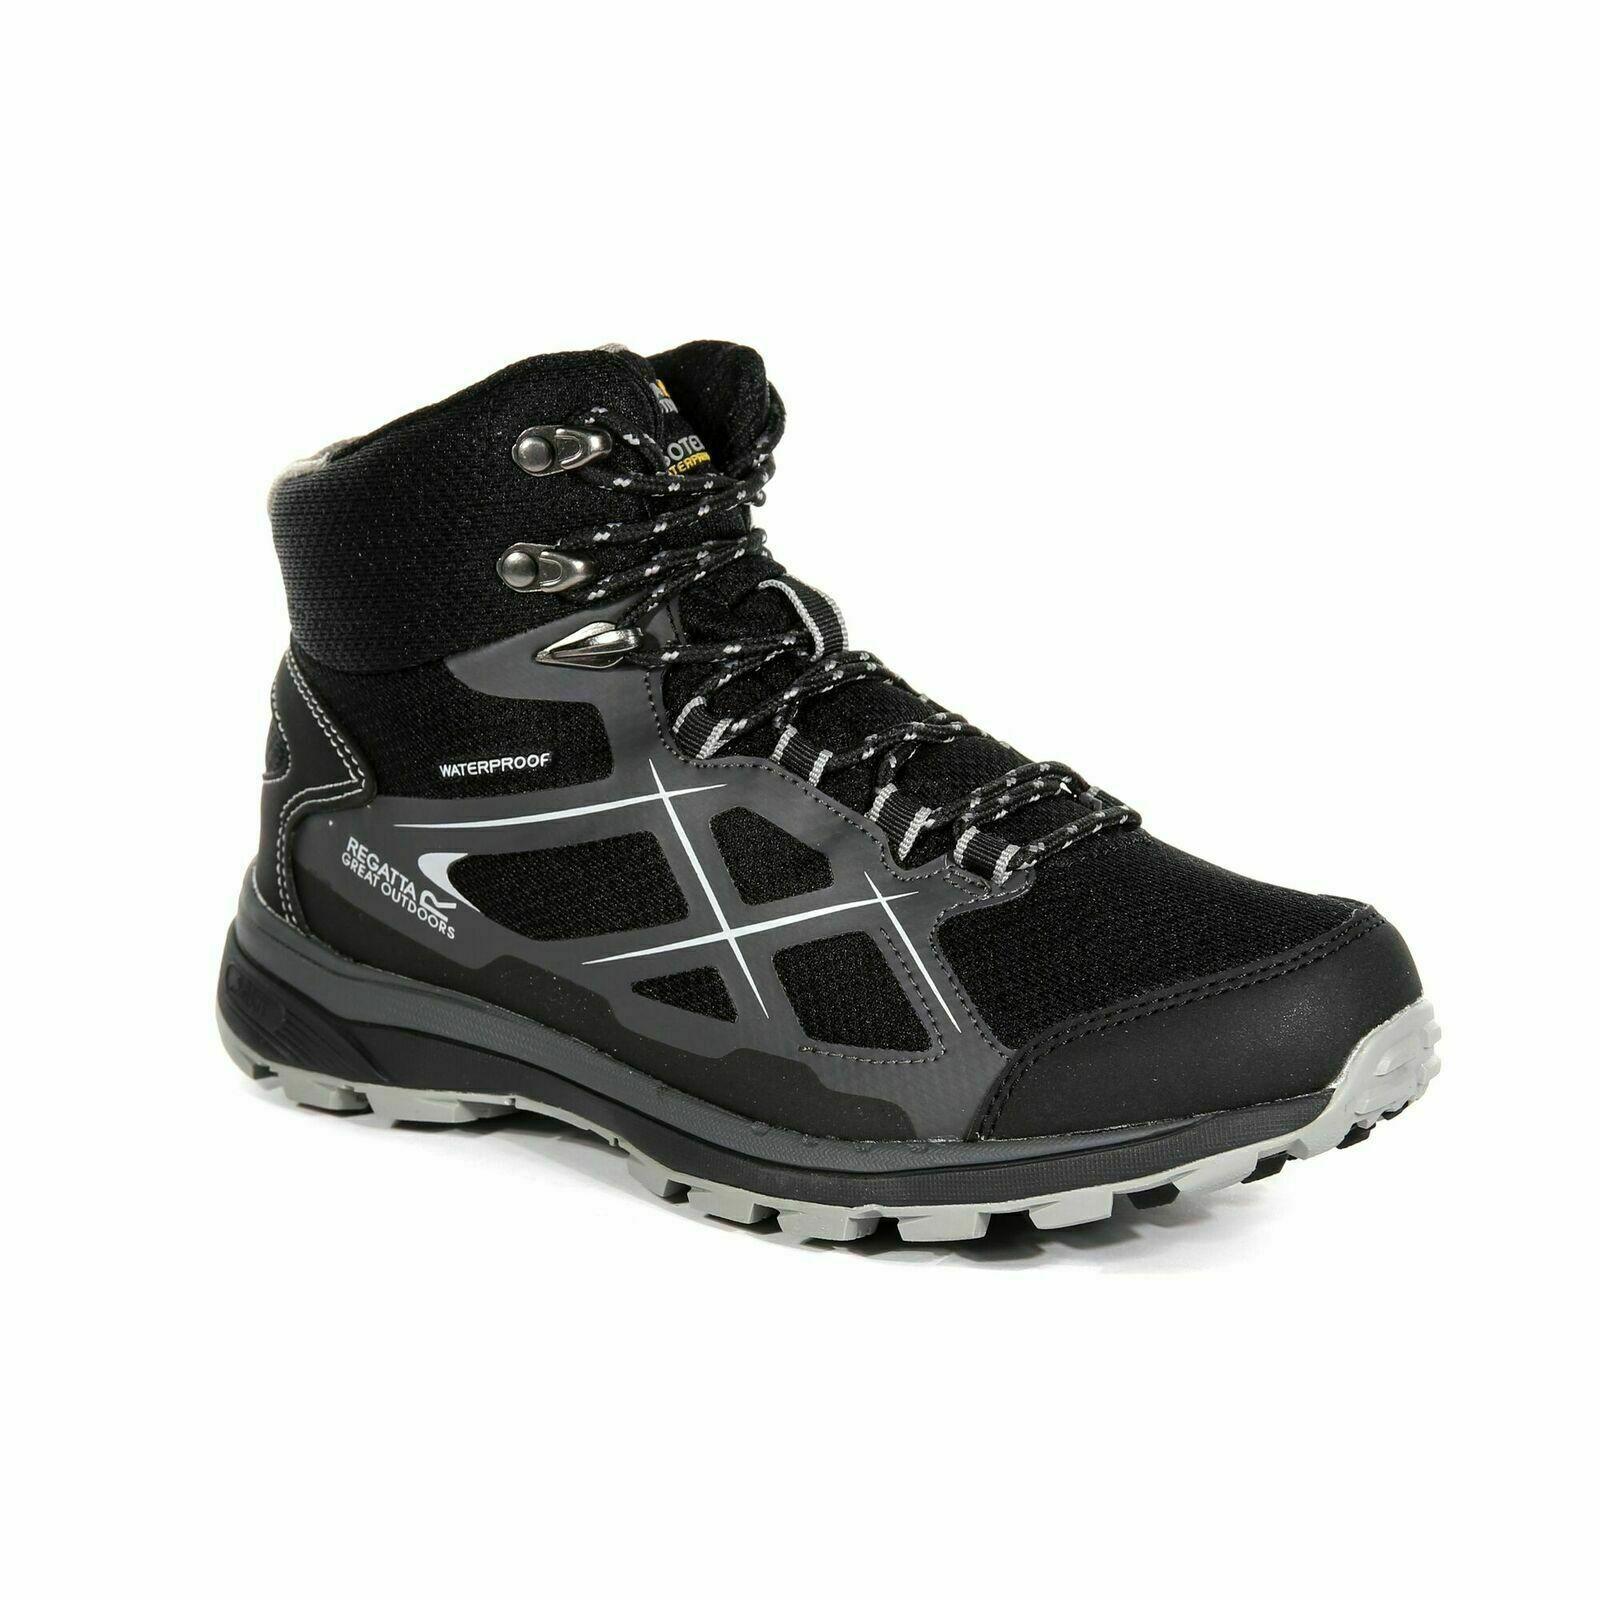 Regatta Women's KOTA XLT Mid Hiking Walking Boots Black Light Steel RWF591 UK 3